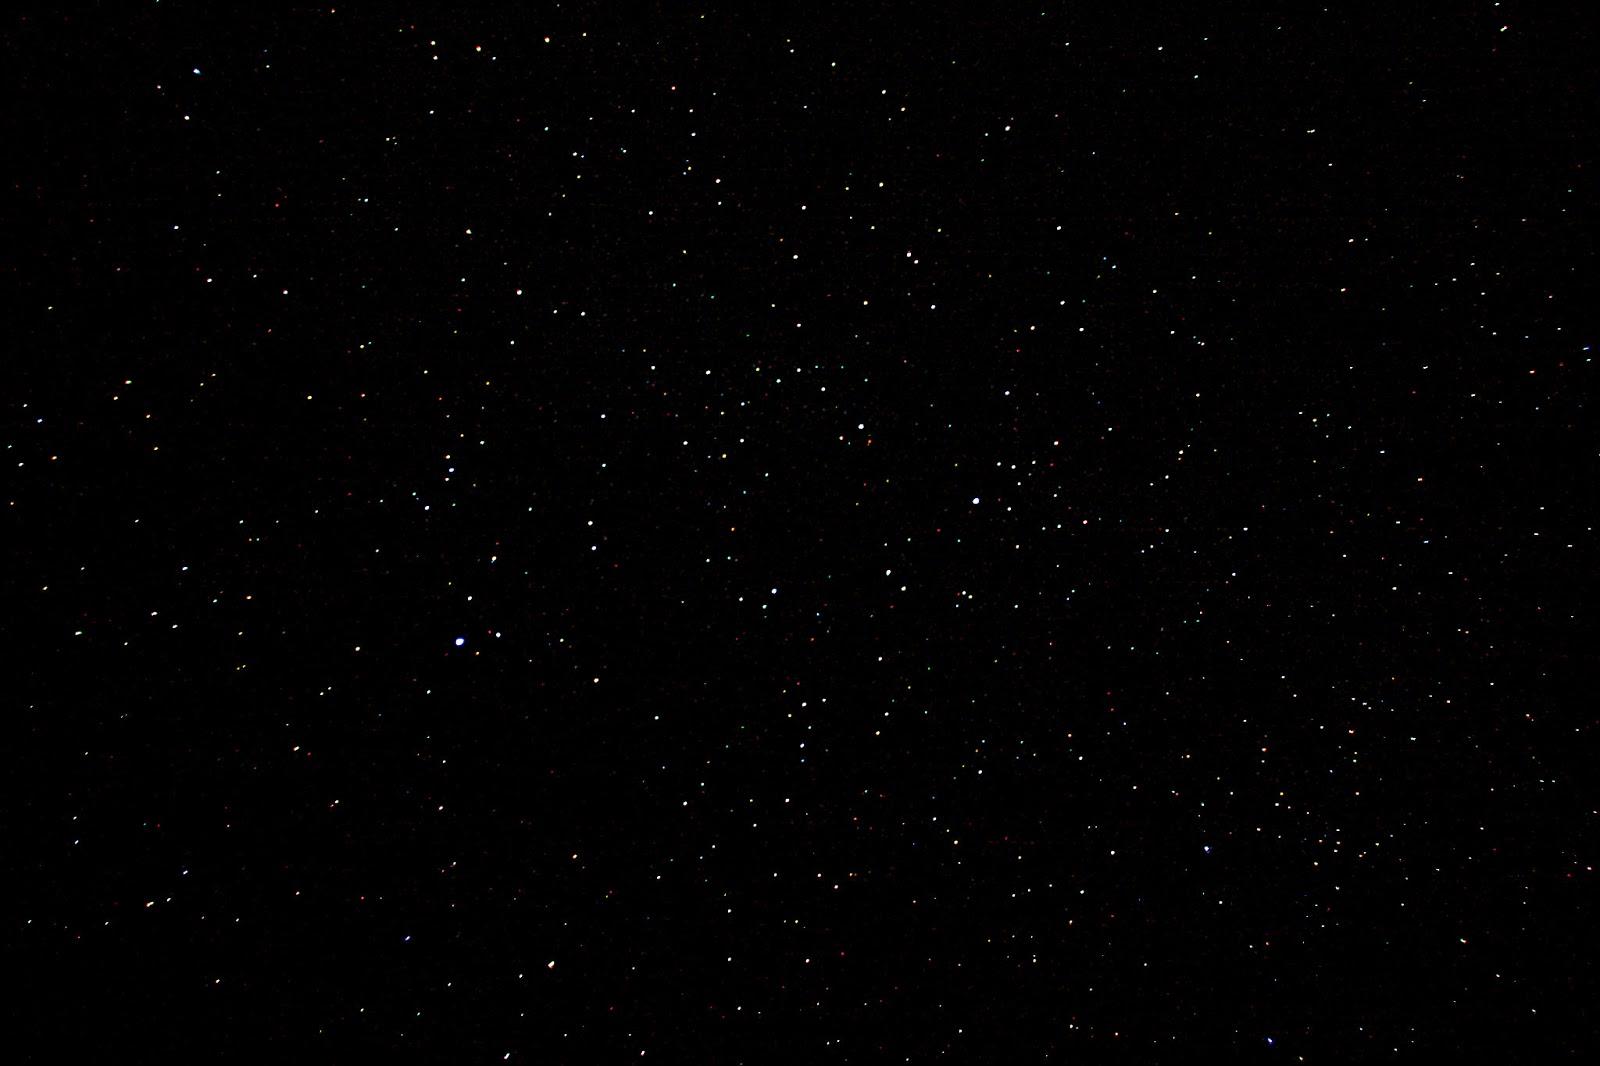 خامات نجوم 171 مدينة عالم ديزاين